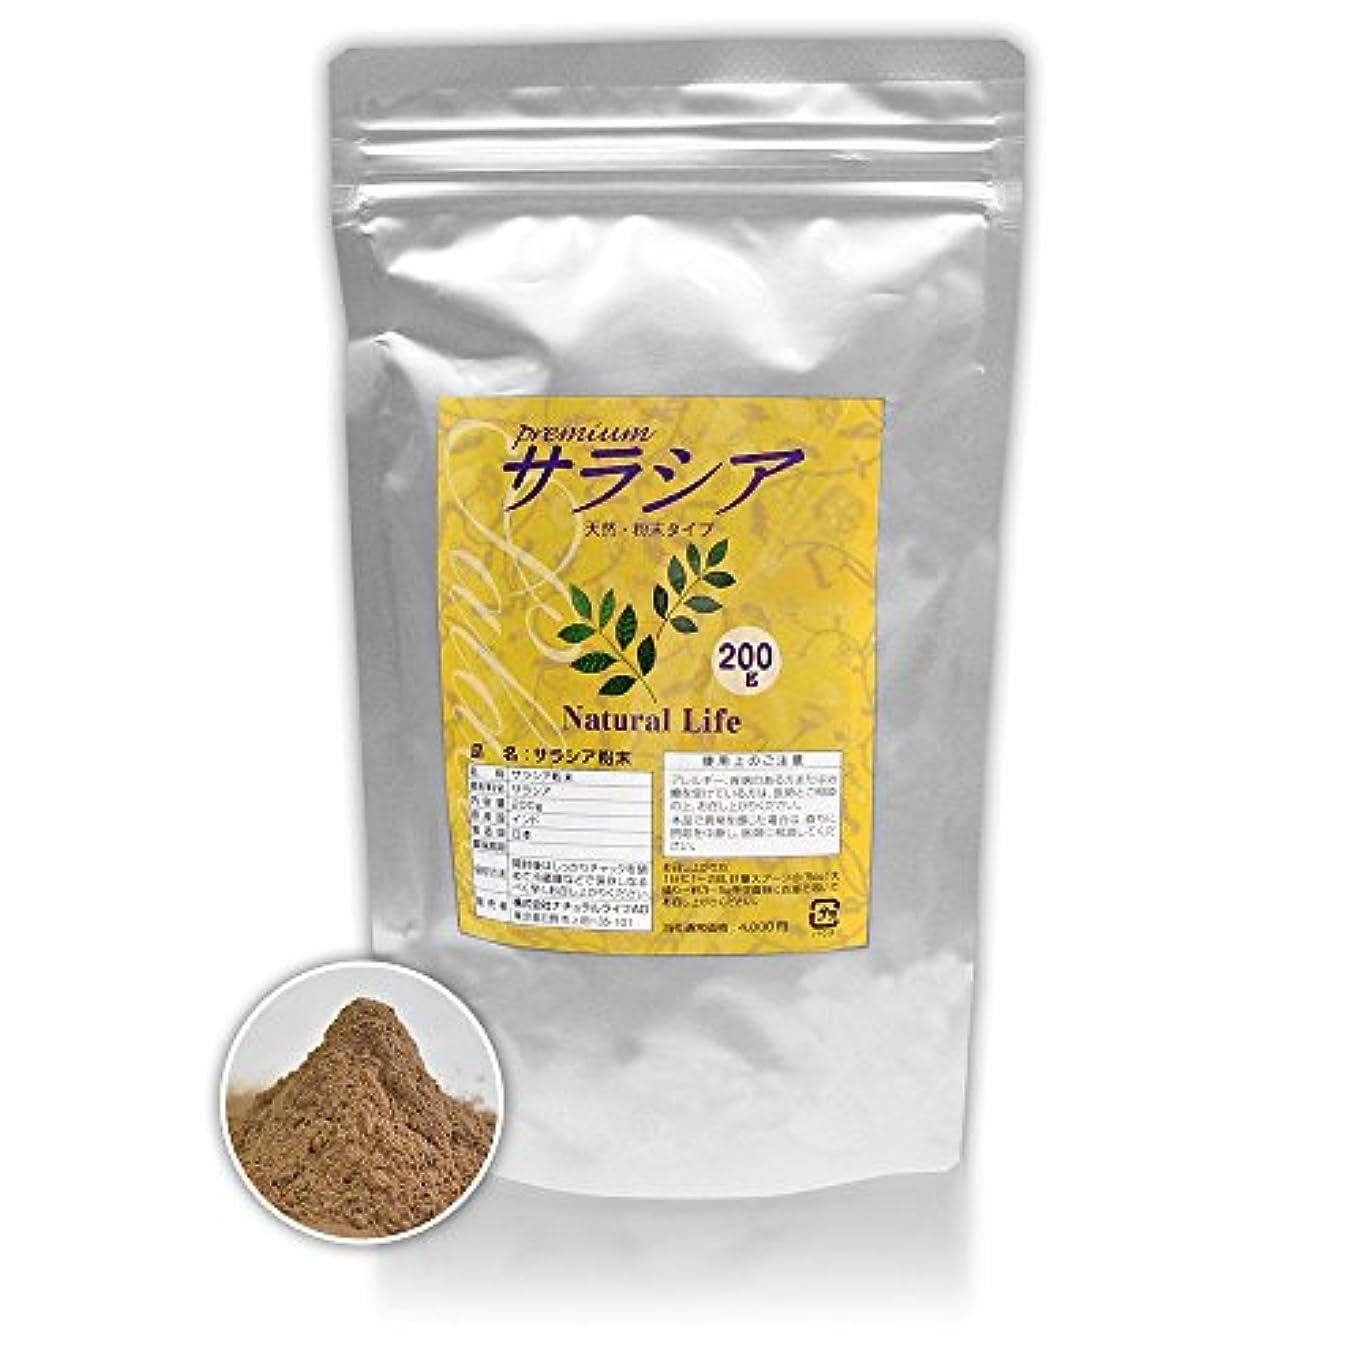 デコレーション称賛切り離すサラシア粉末[200g]天然ピュア原料(無添加)健康食品(さらしあ,レティキュラータ)